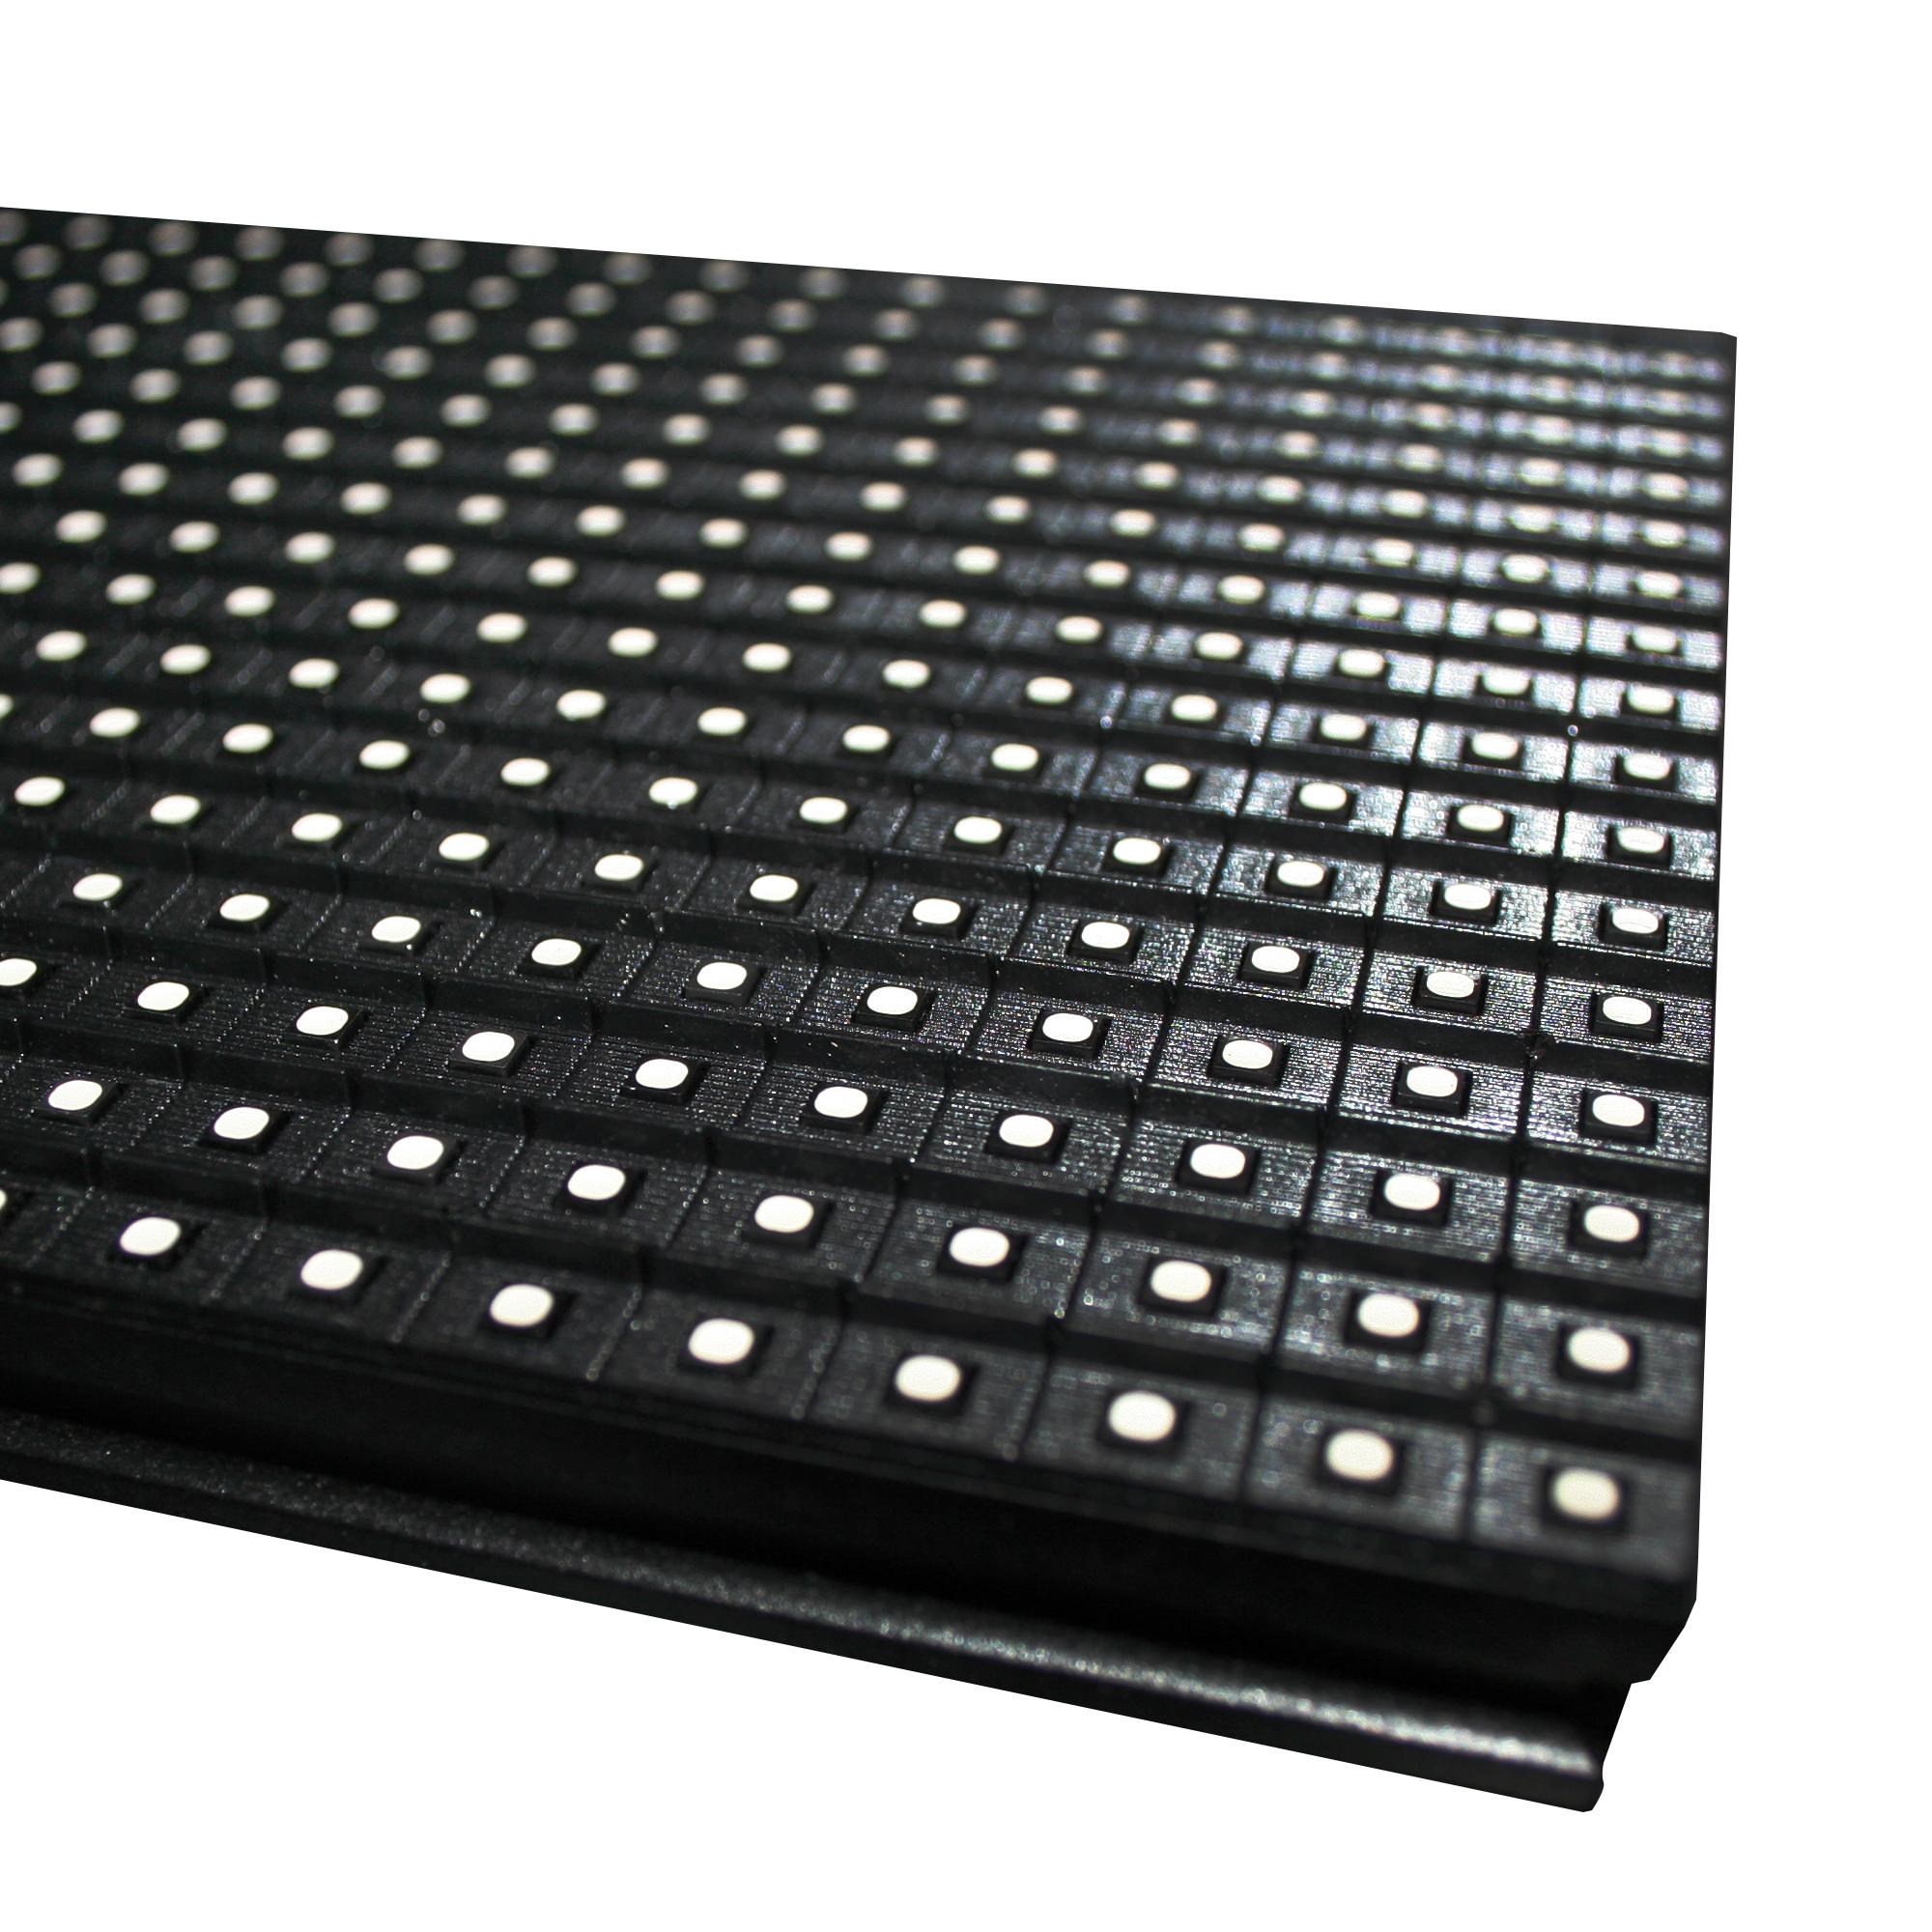 Laufschriftenmatrix-Anzeigensystem LED/SMD